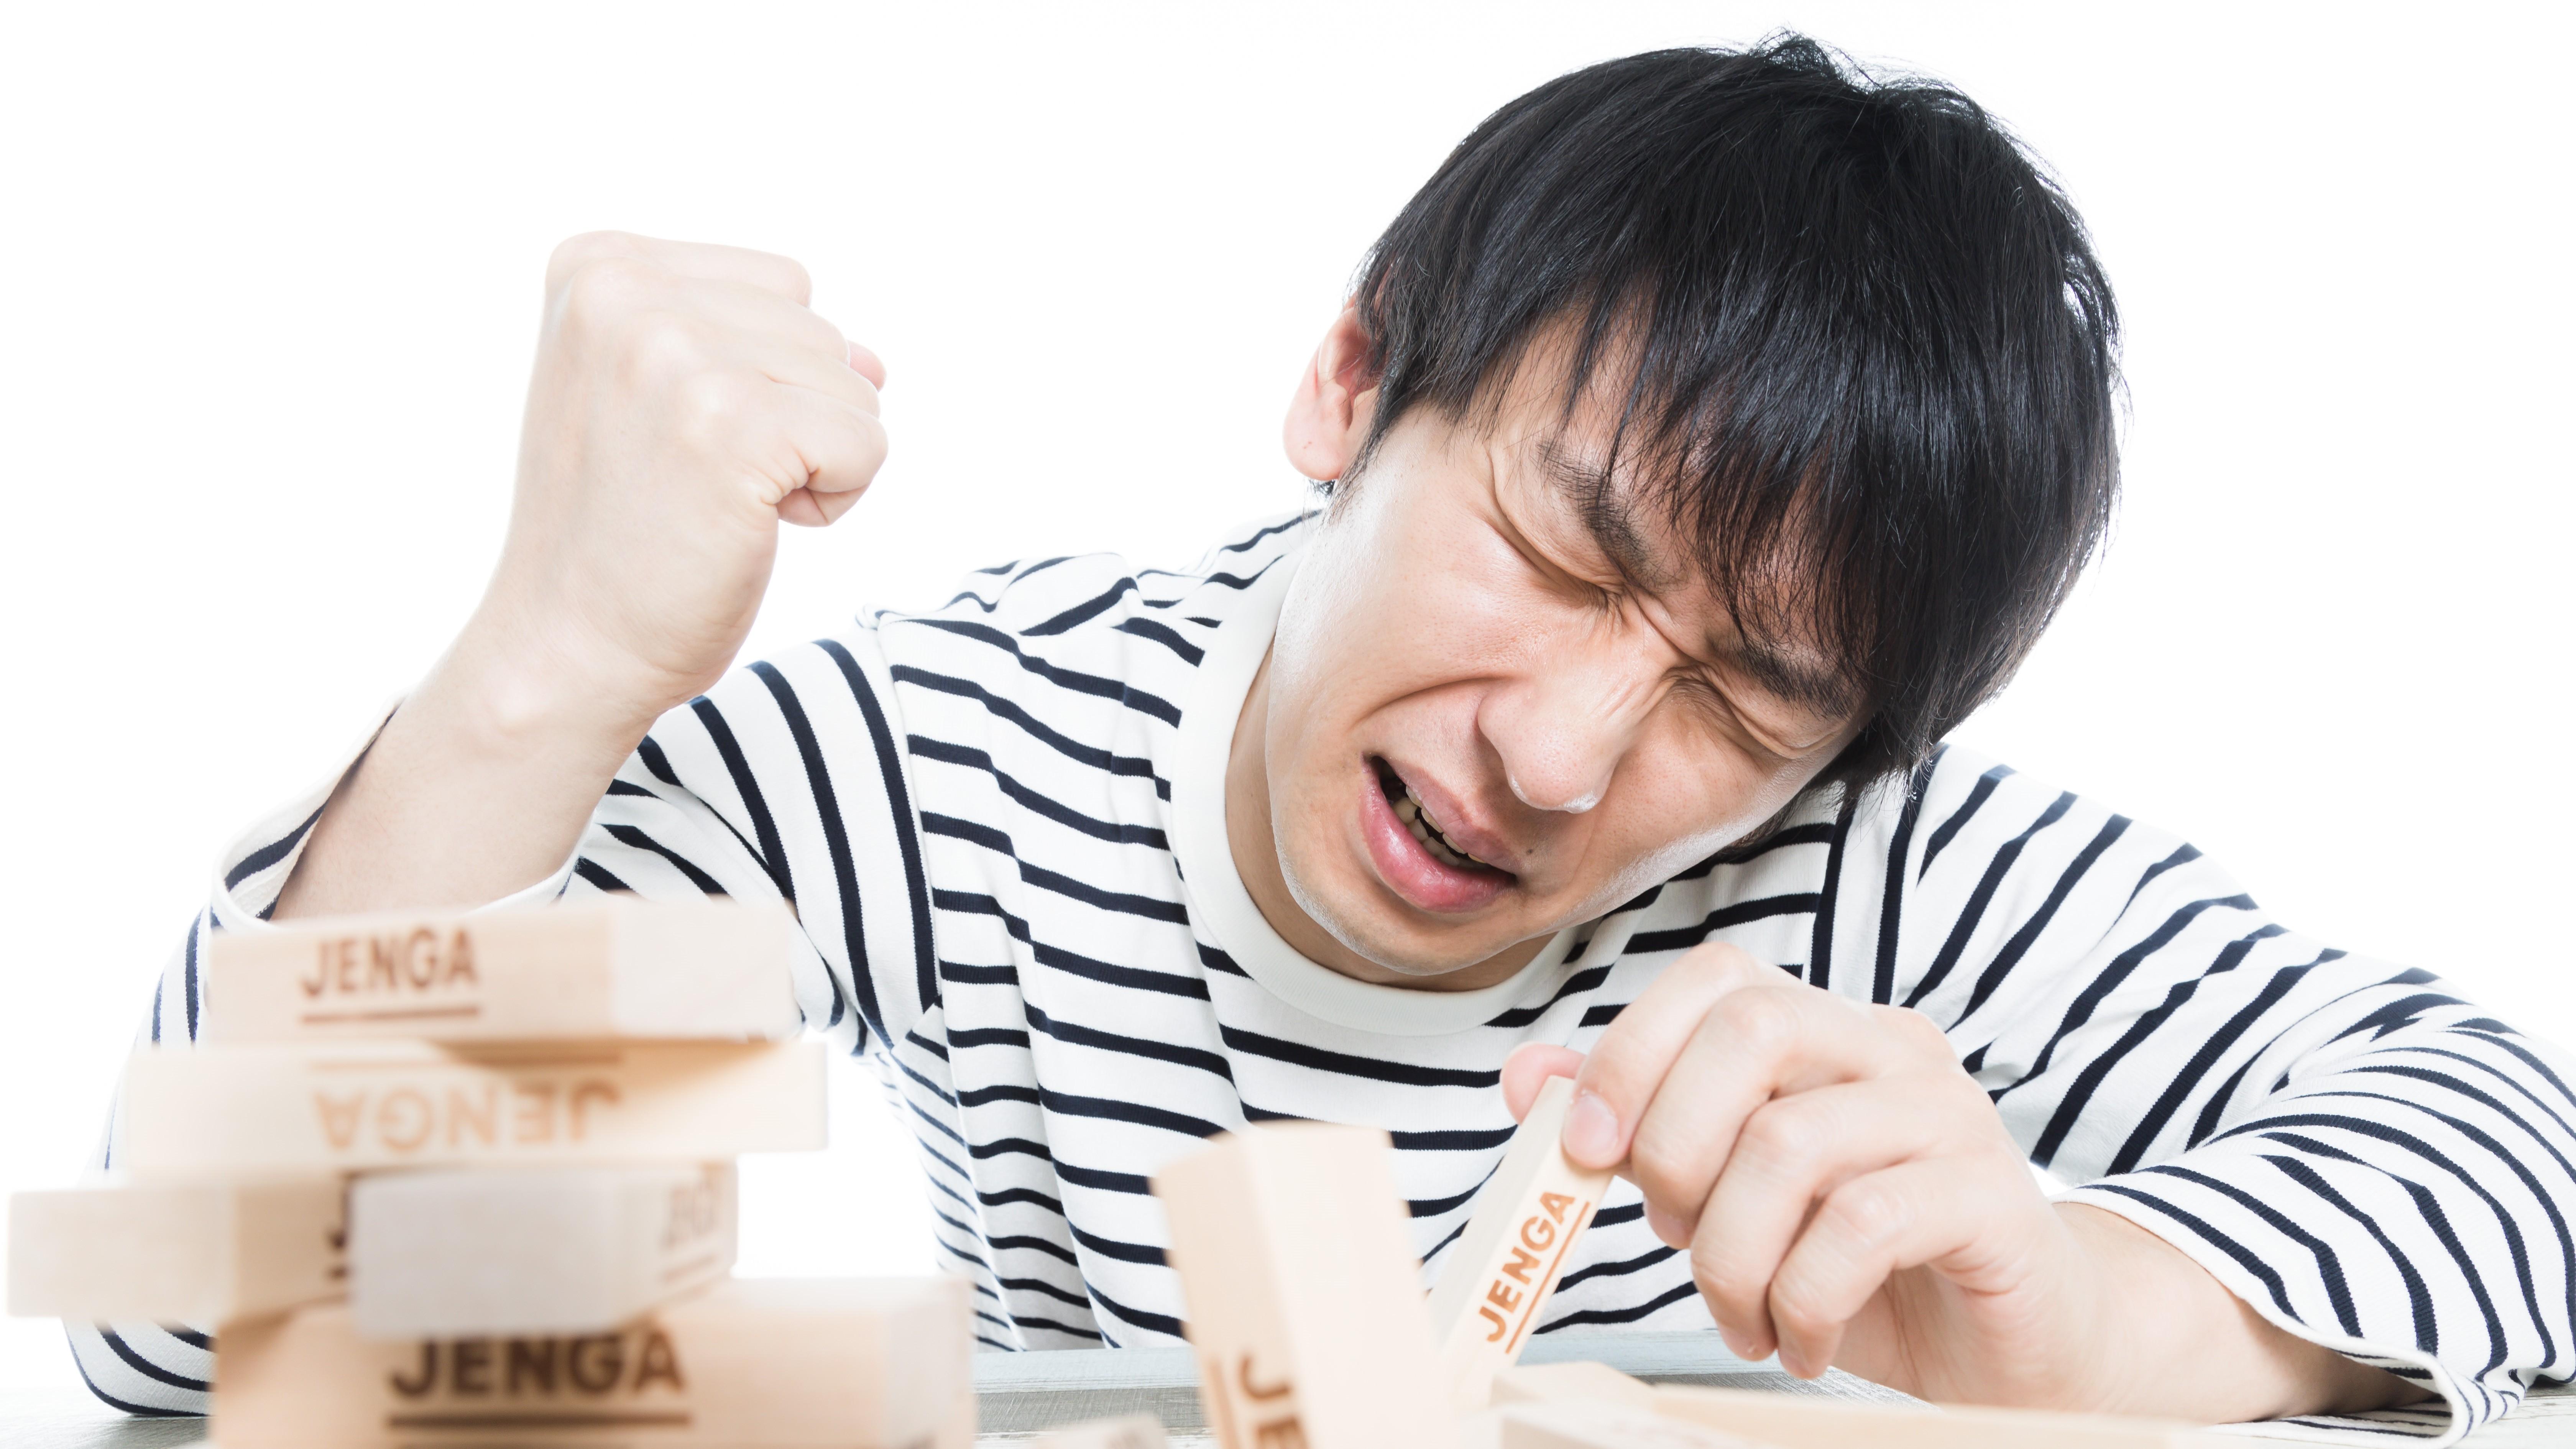 ▲生氣,哭泣。(圖/取自免費圖庫pakutaso)